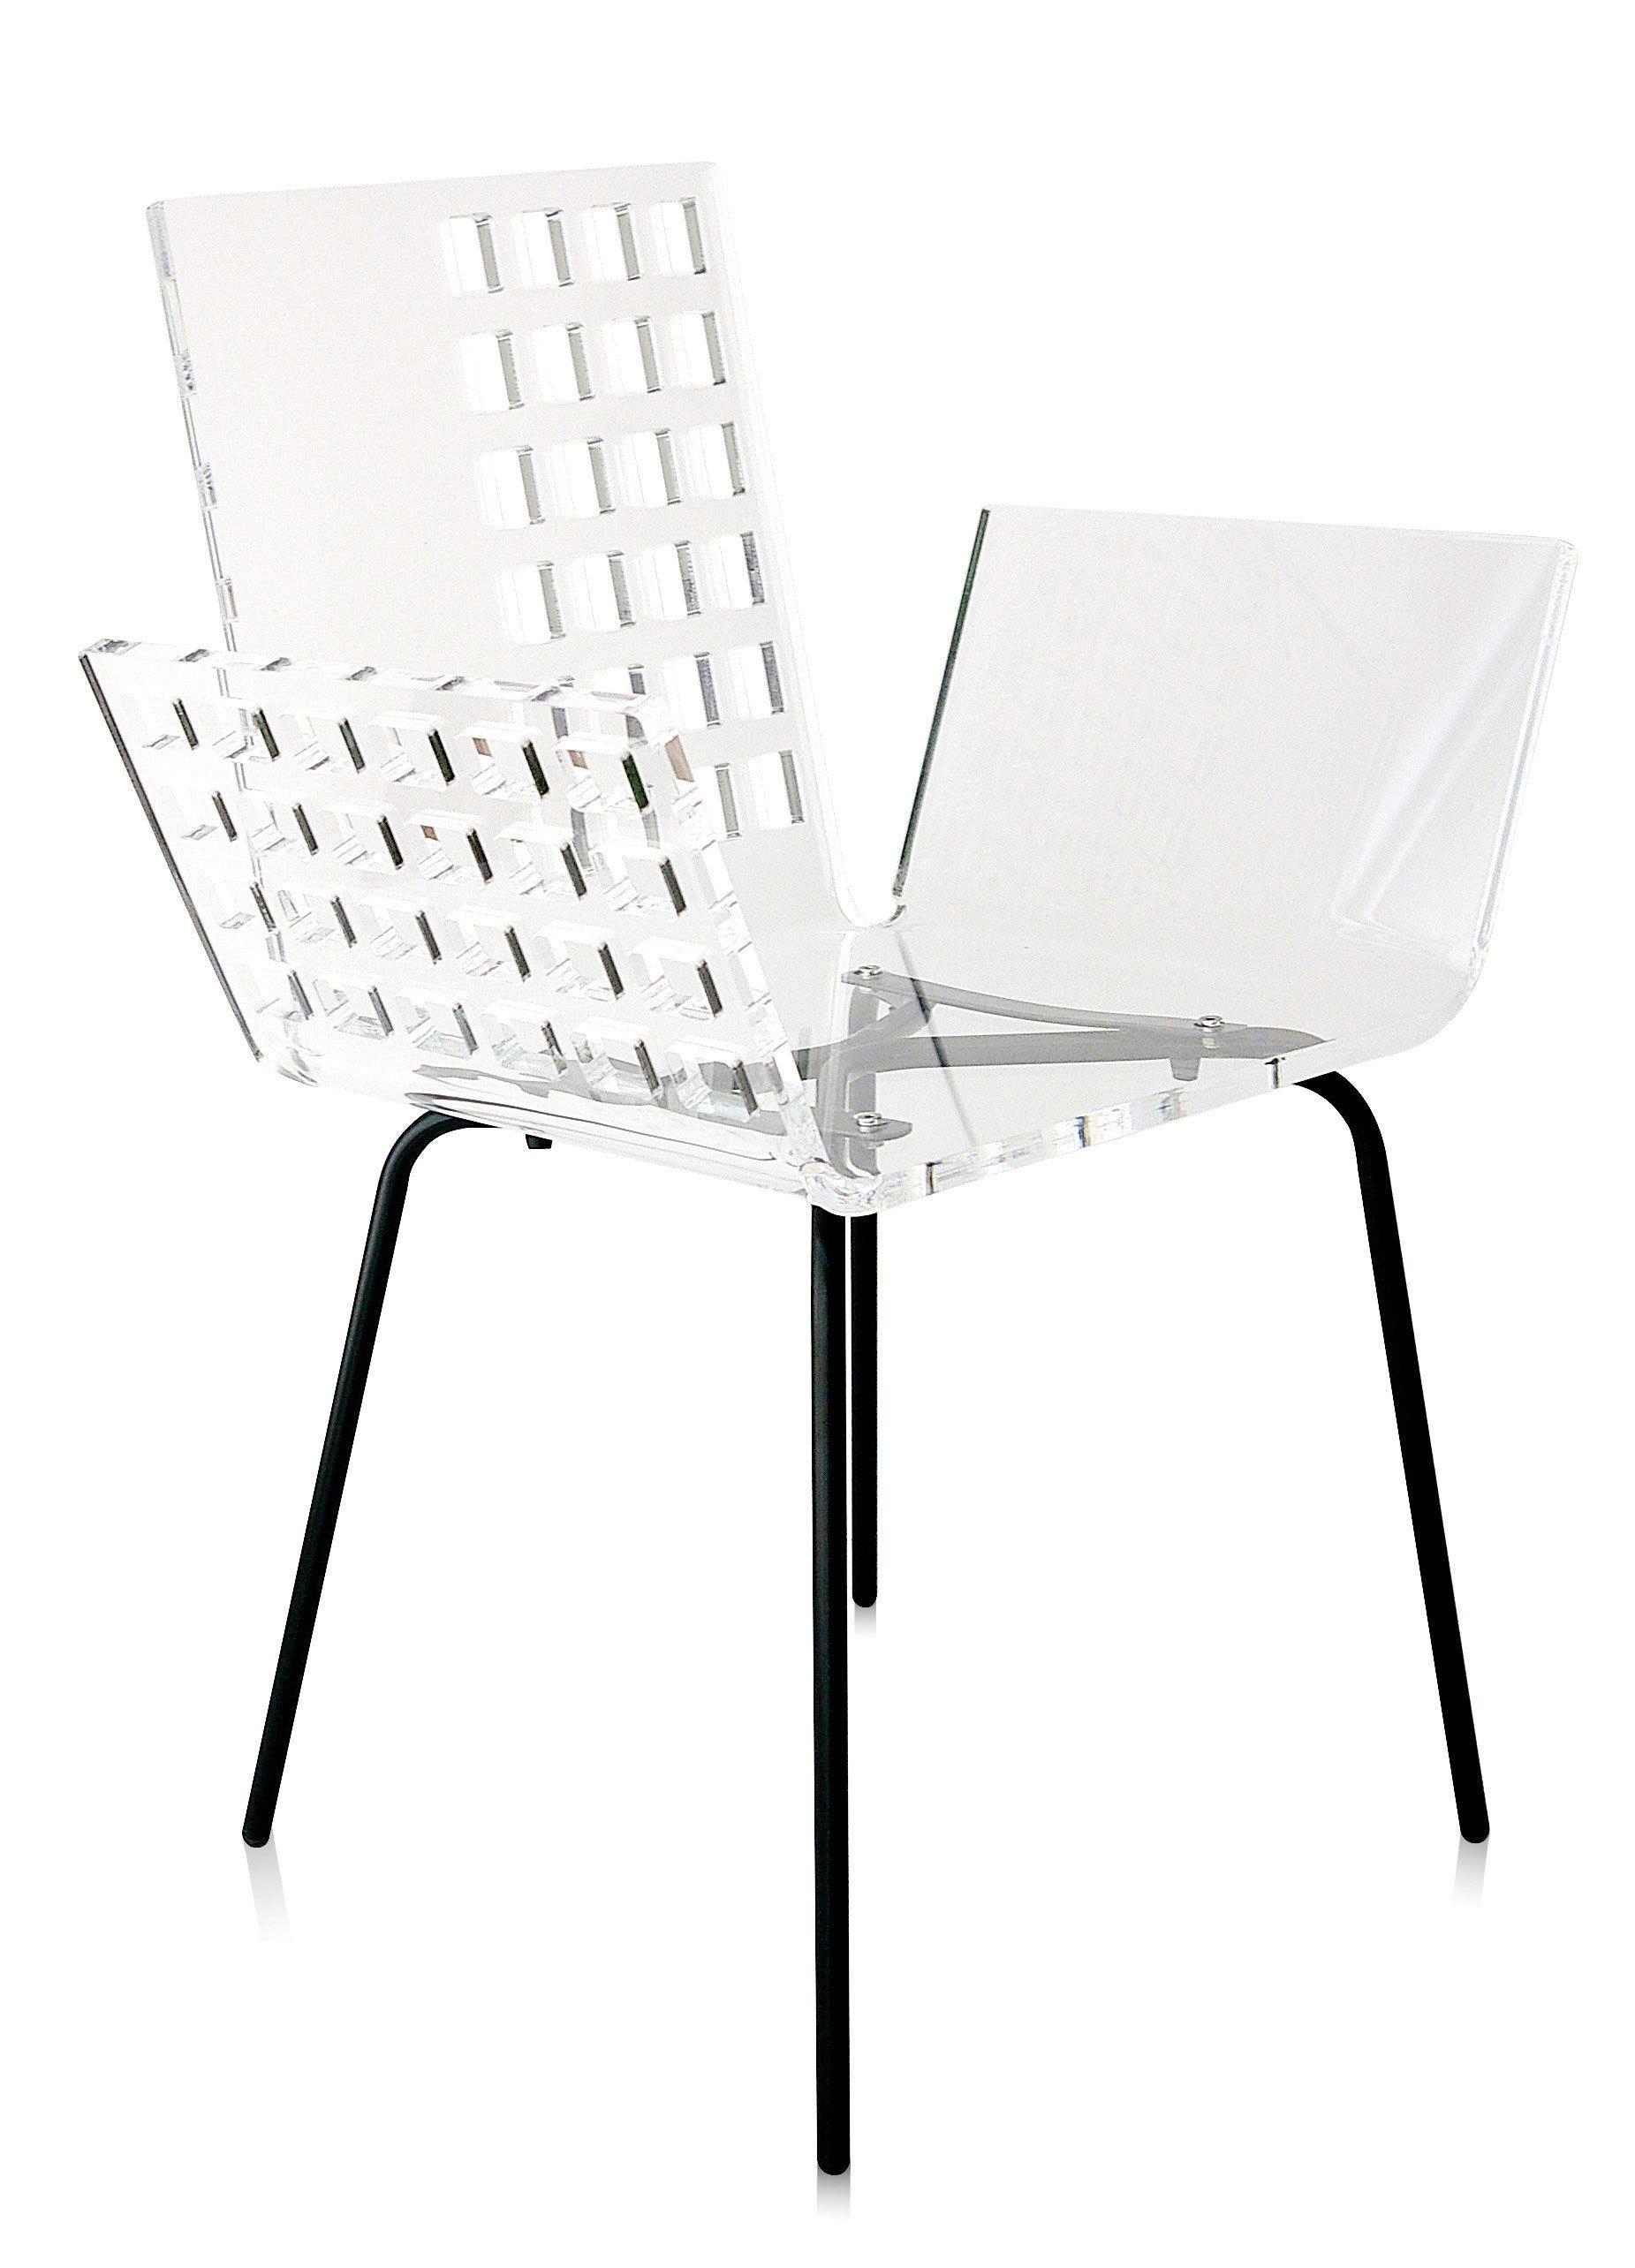 Mobilier Design Personnalis Meubles Plexiglas Chaises Personnalises Chaise Transparente